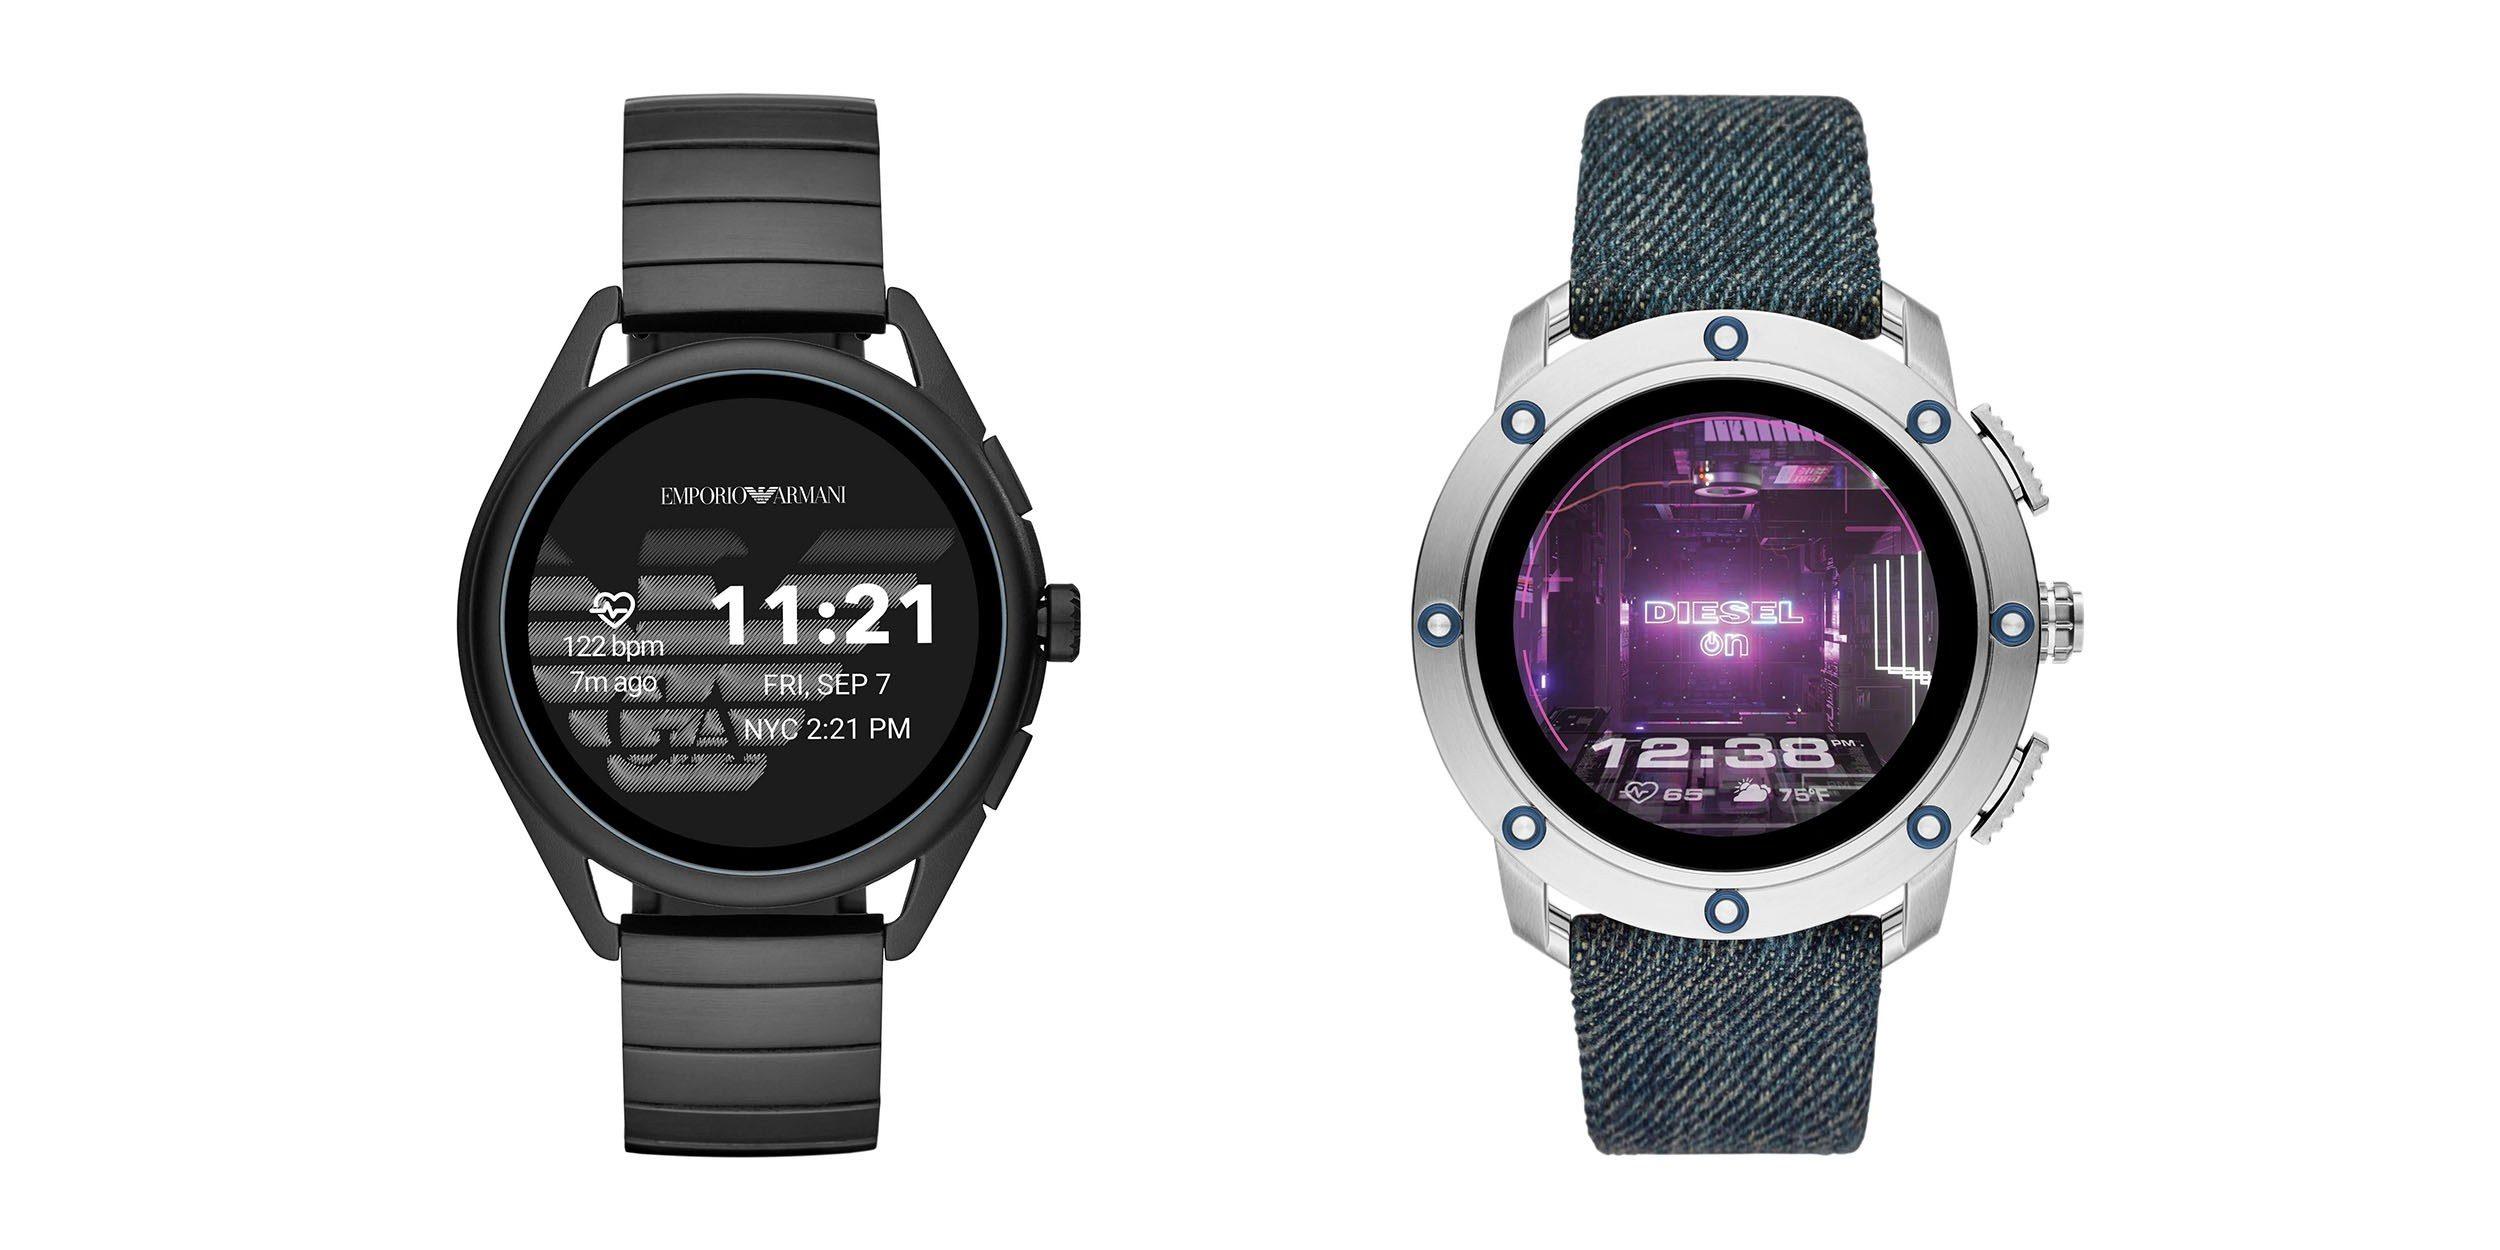 Diesel Axial a Emporio Armani Smartwatch 3 jsou luxusní chytré hodinky [IFA]